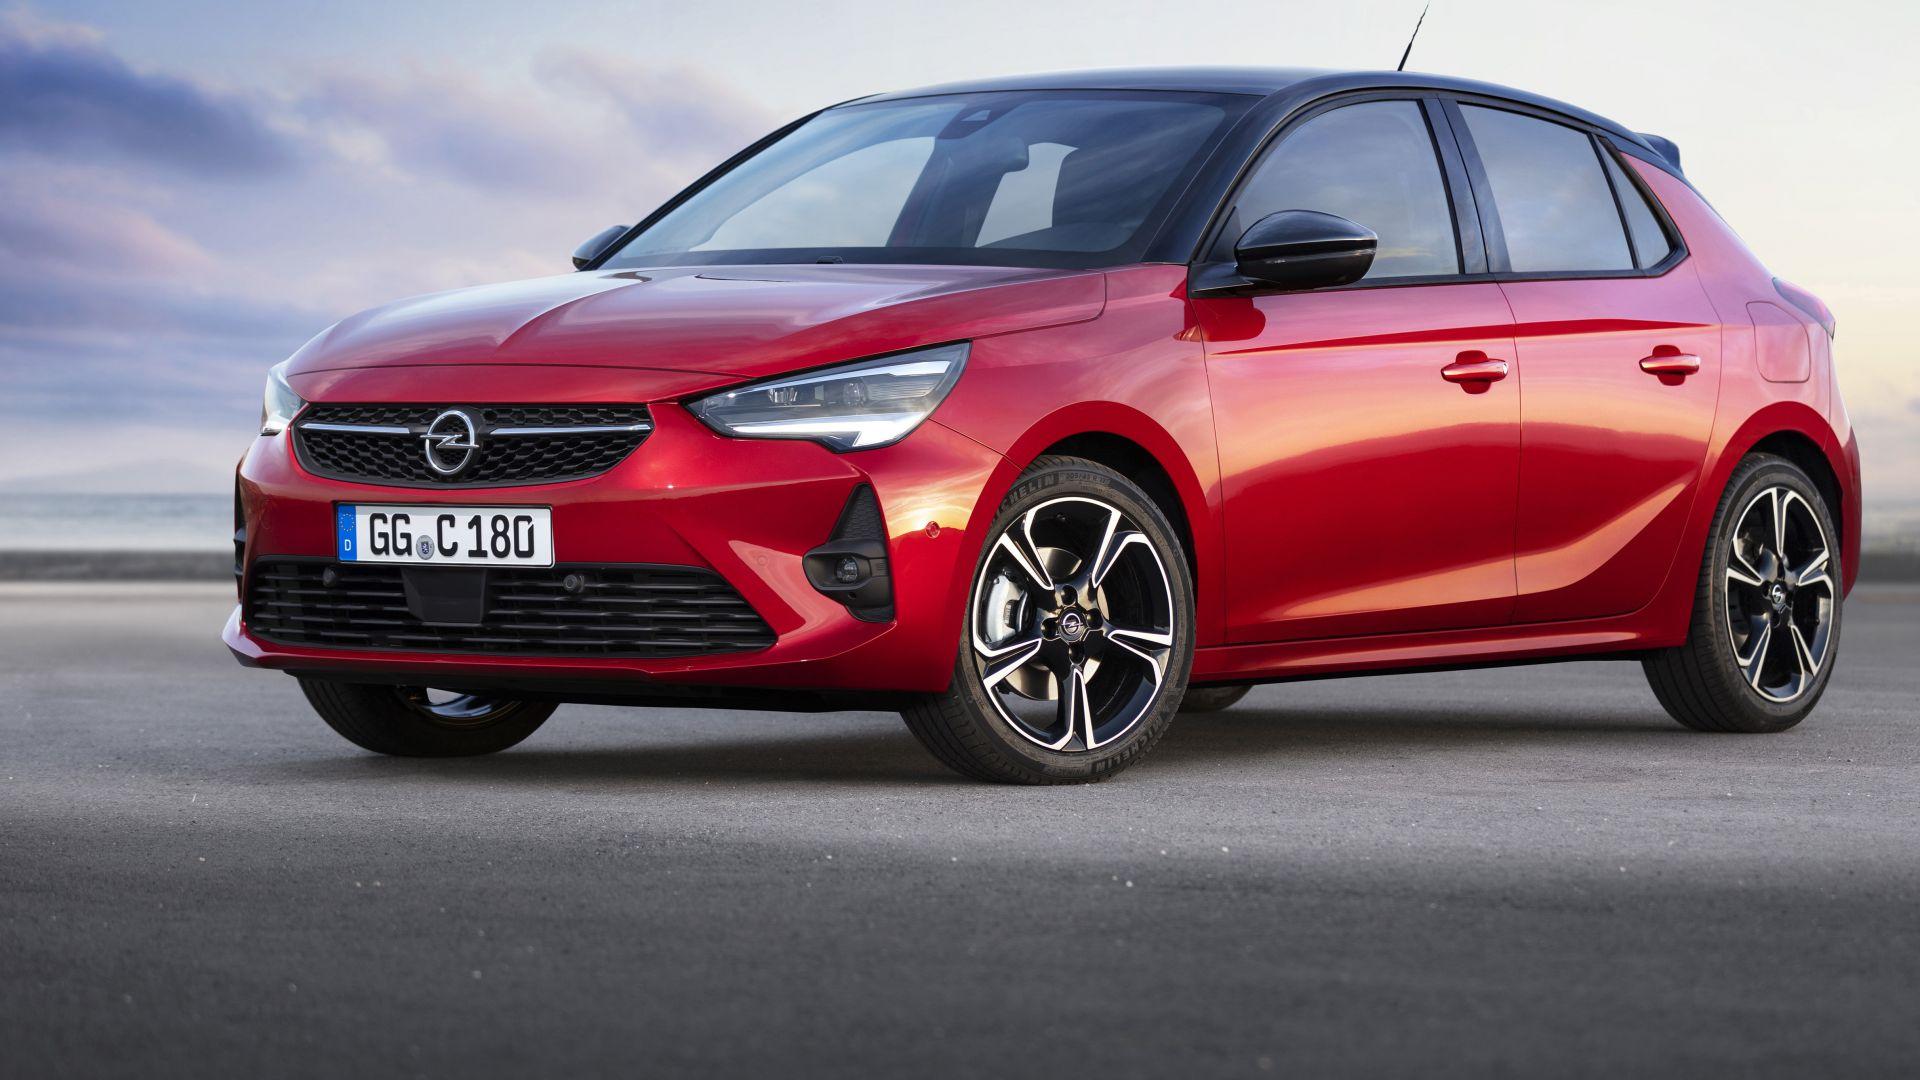 Nuova Toyota Yaris Cross: il nuovo B-SUV giapponese per l